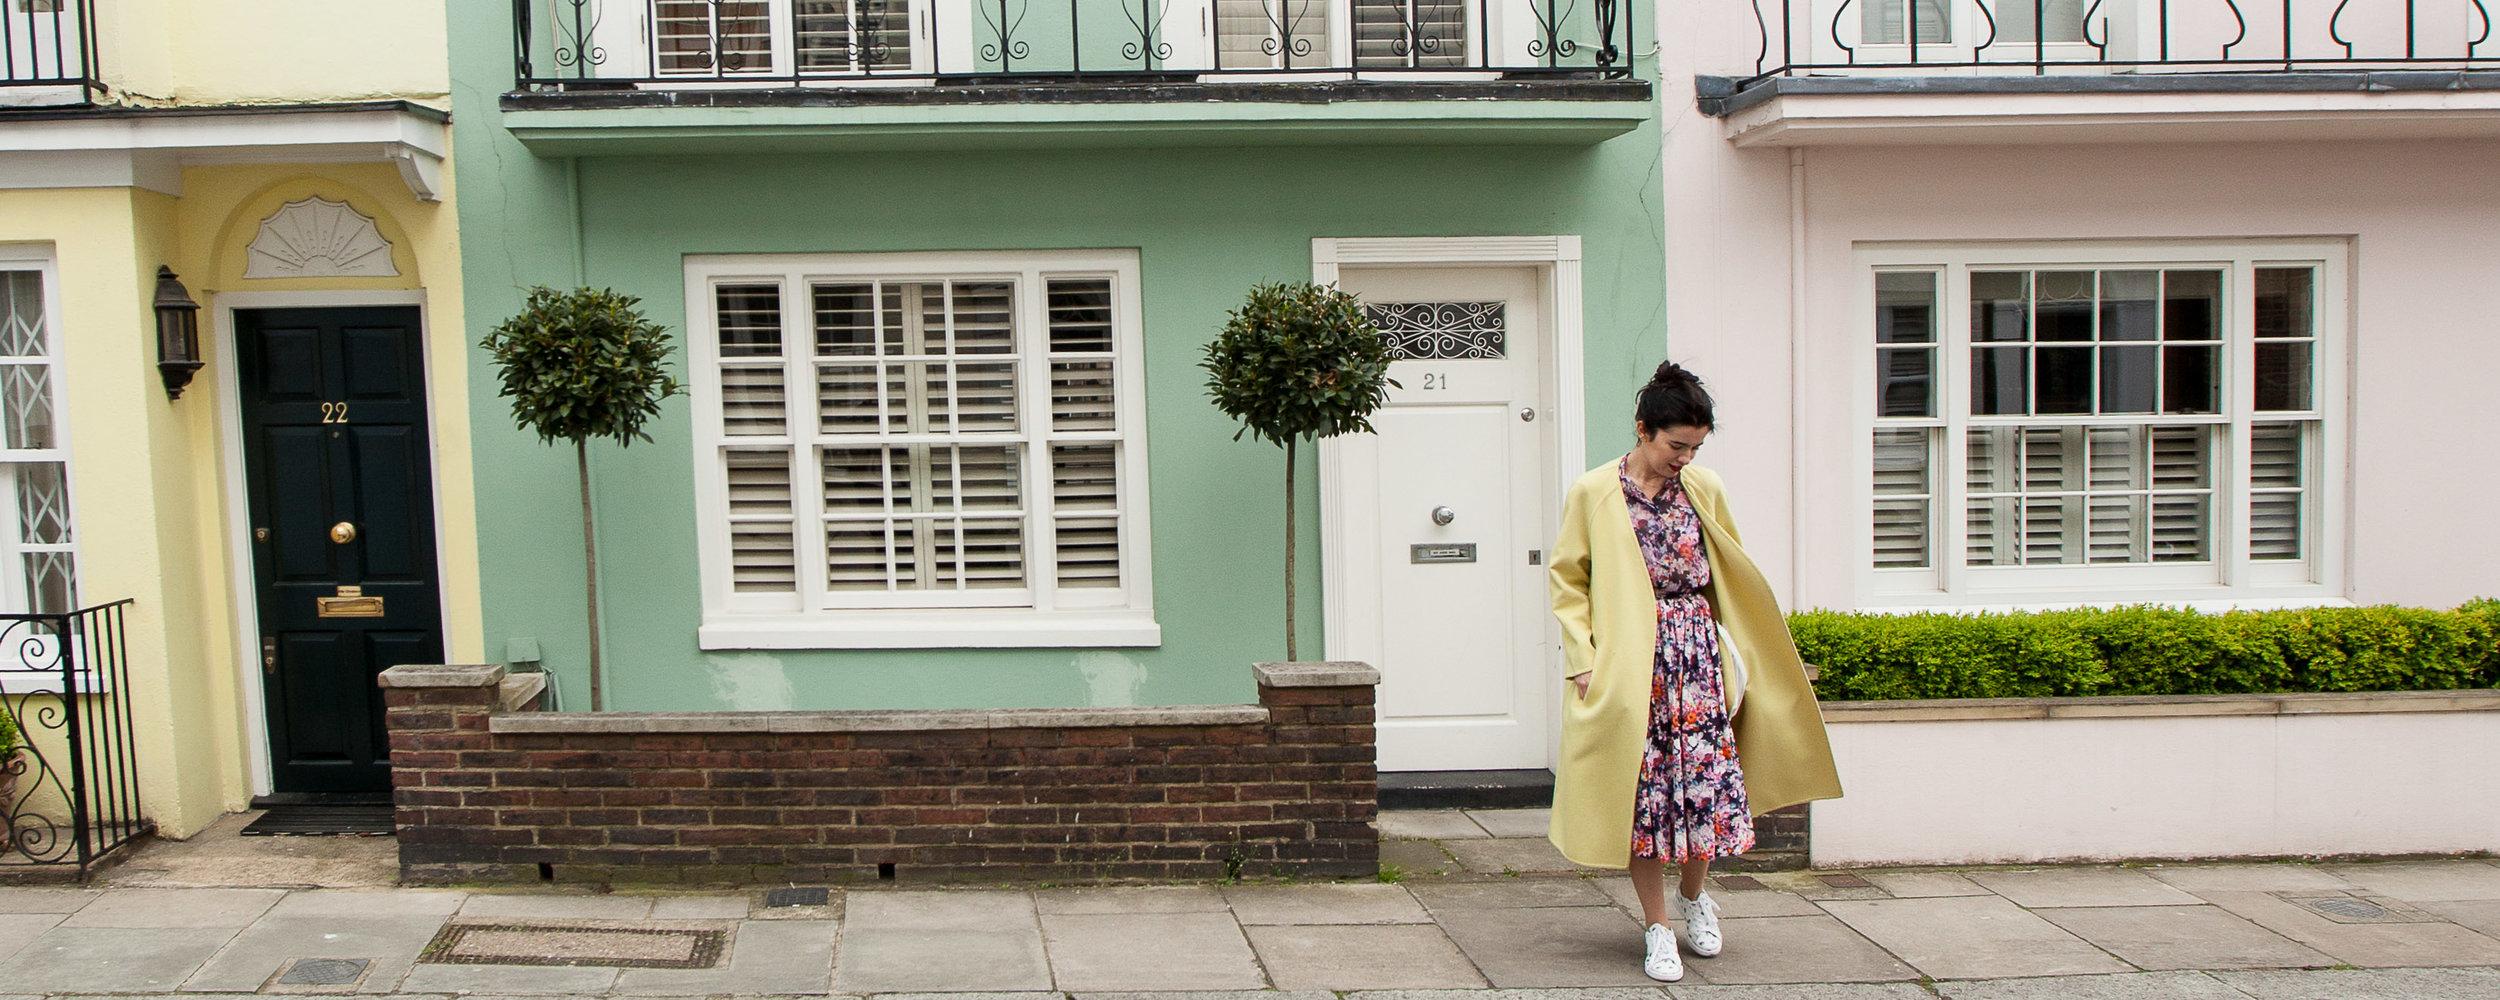 Gazelli founder Jamila Askarova in South Kensington